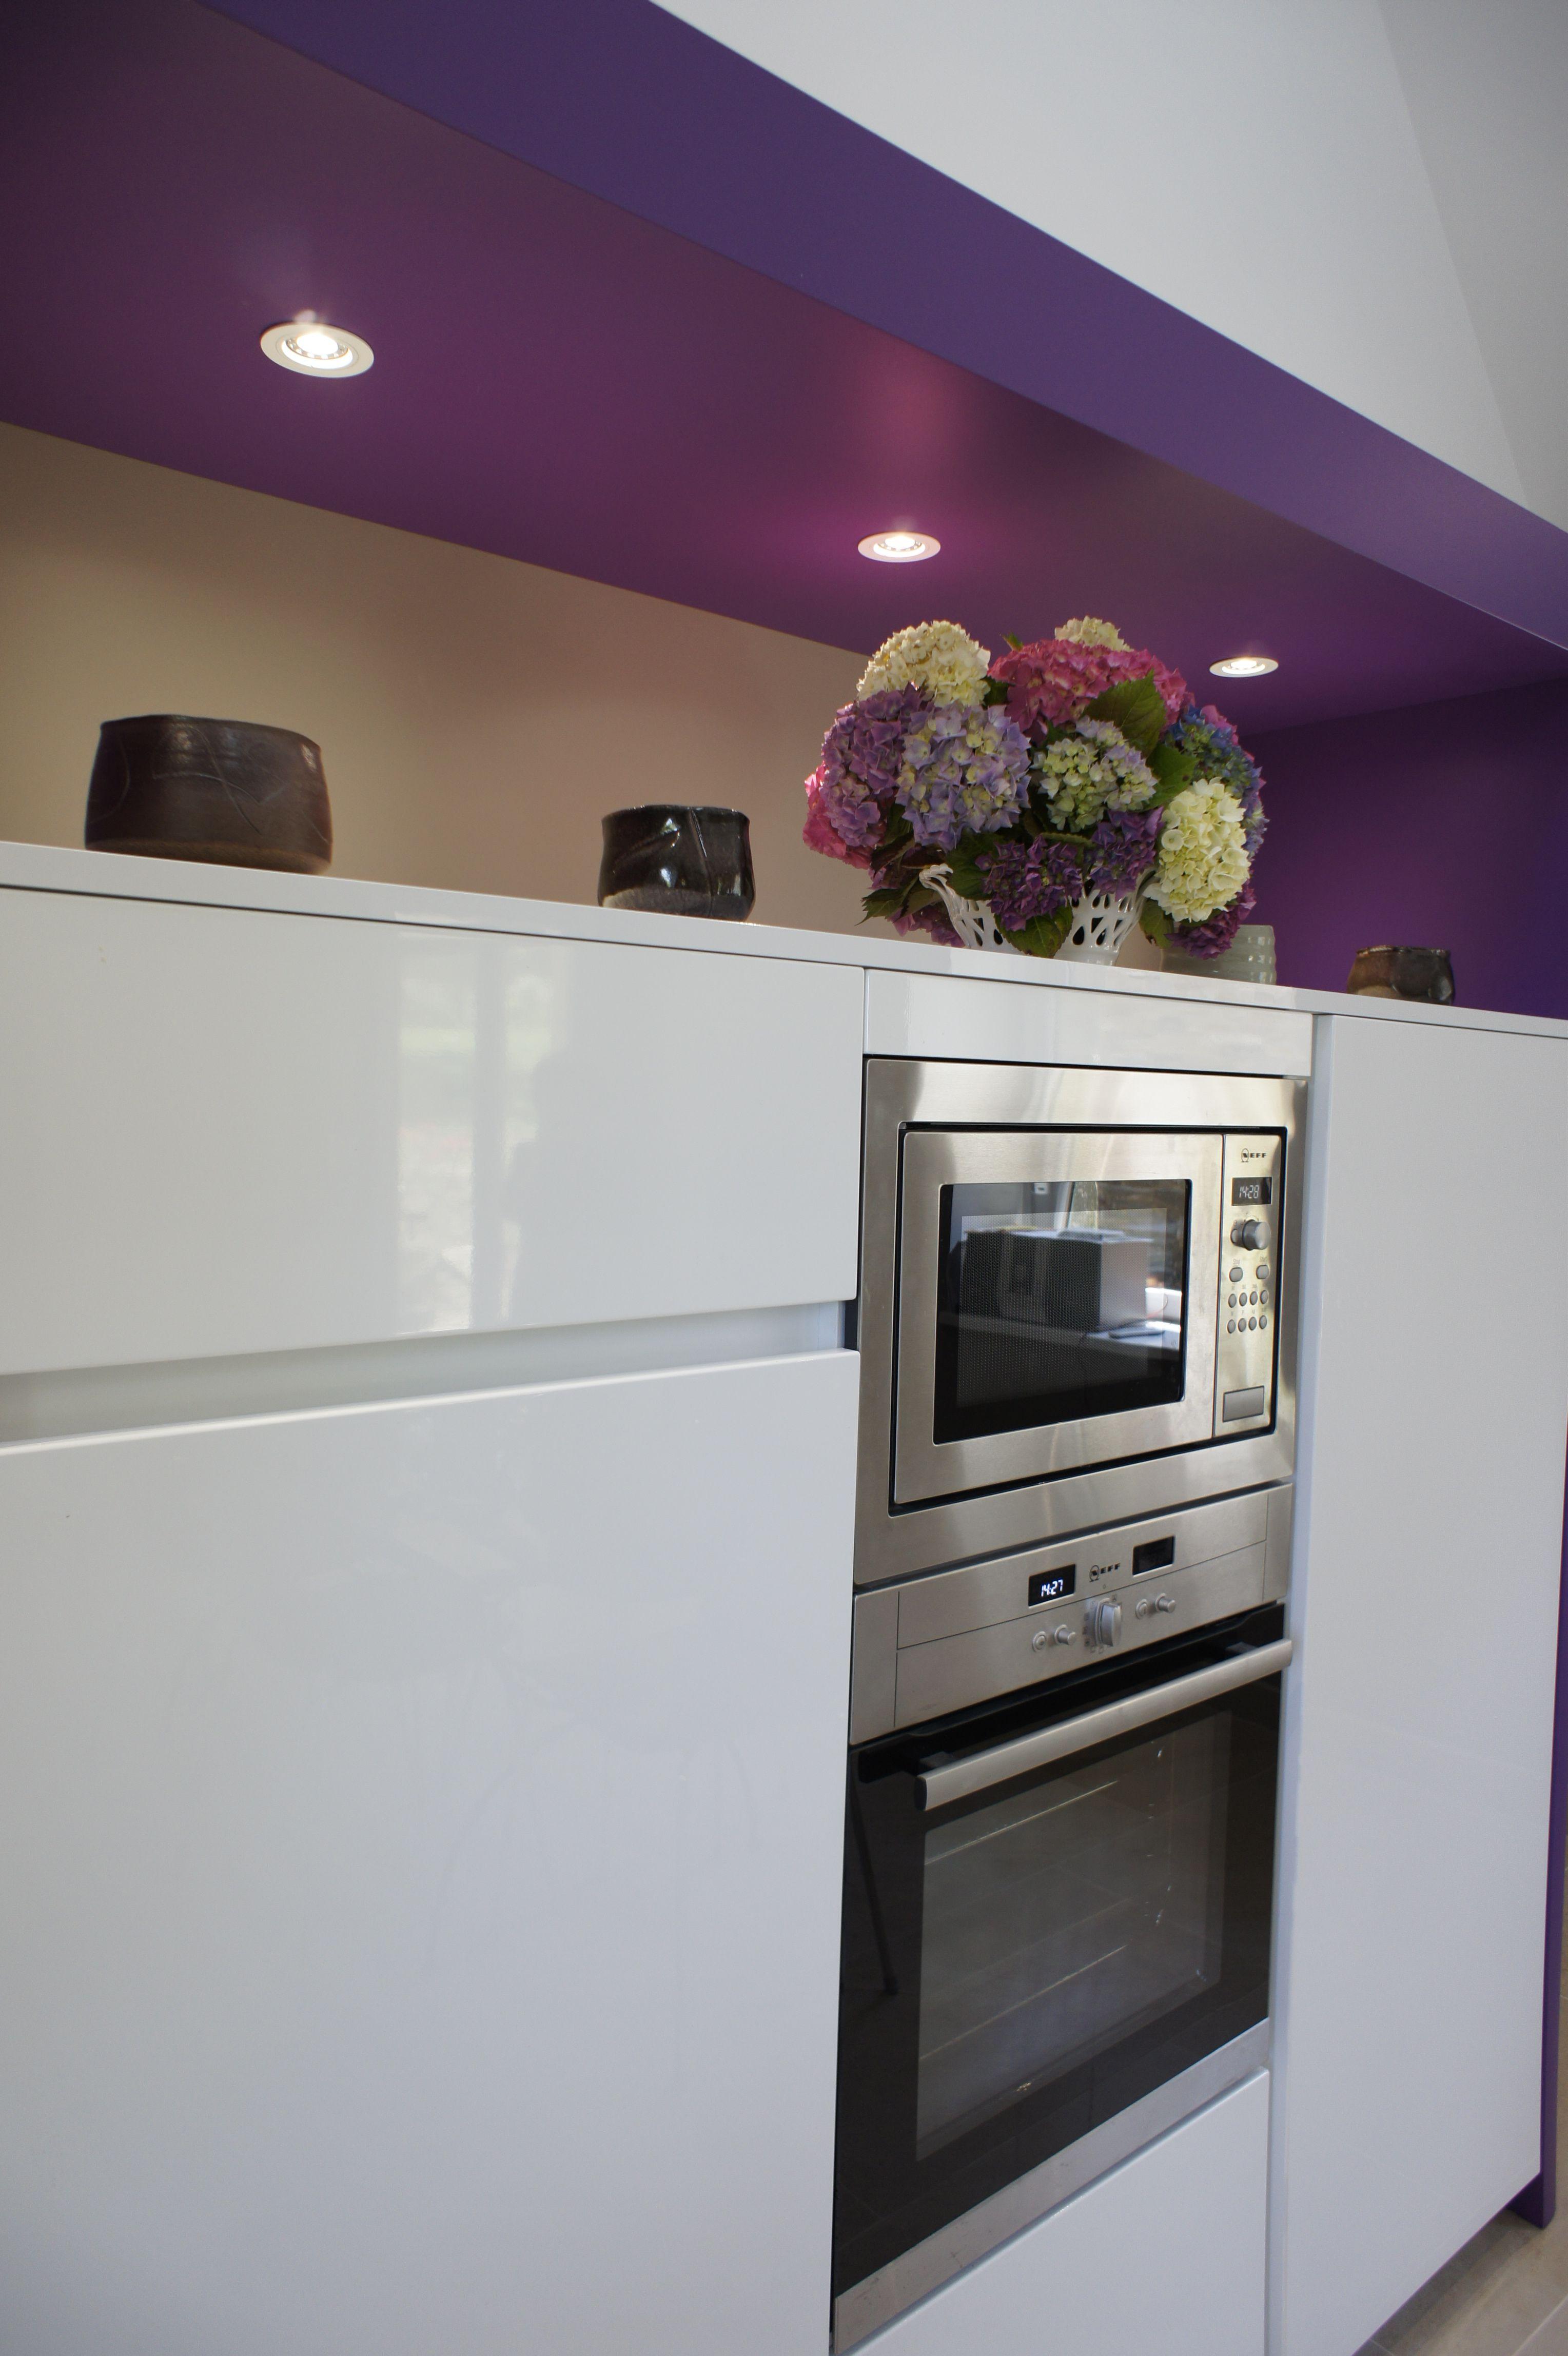 Colonne Pour Four Et Micro Onde zone technique avec lave-vaisselle surélevé, four et micro